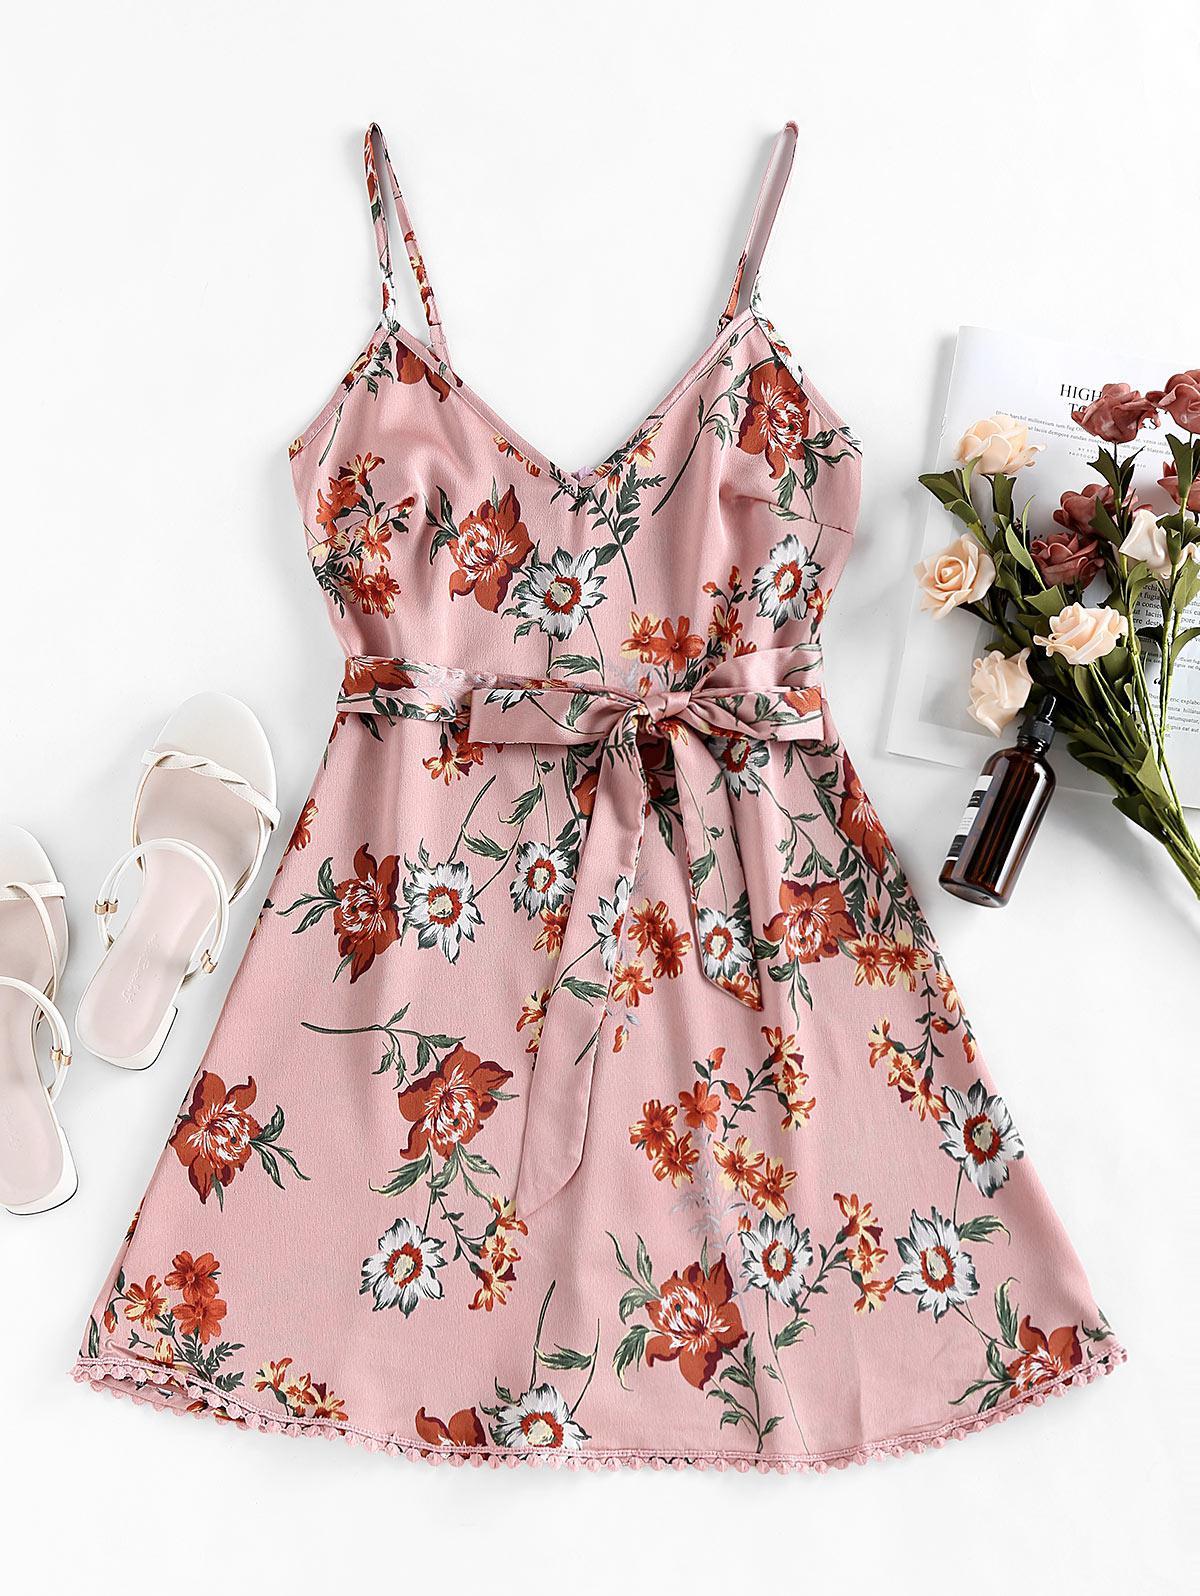 ZAFUL Pompom Floral Print A Line Dress